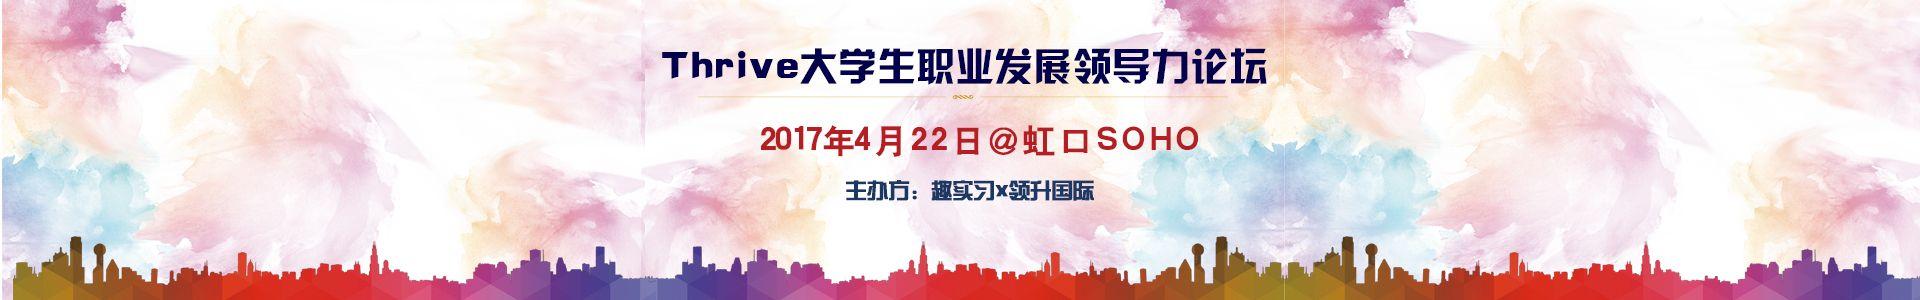 Thrive2017上海大学生职业发展领导力论坛